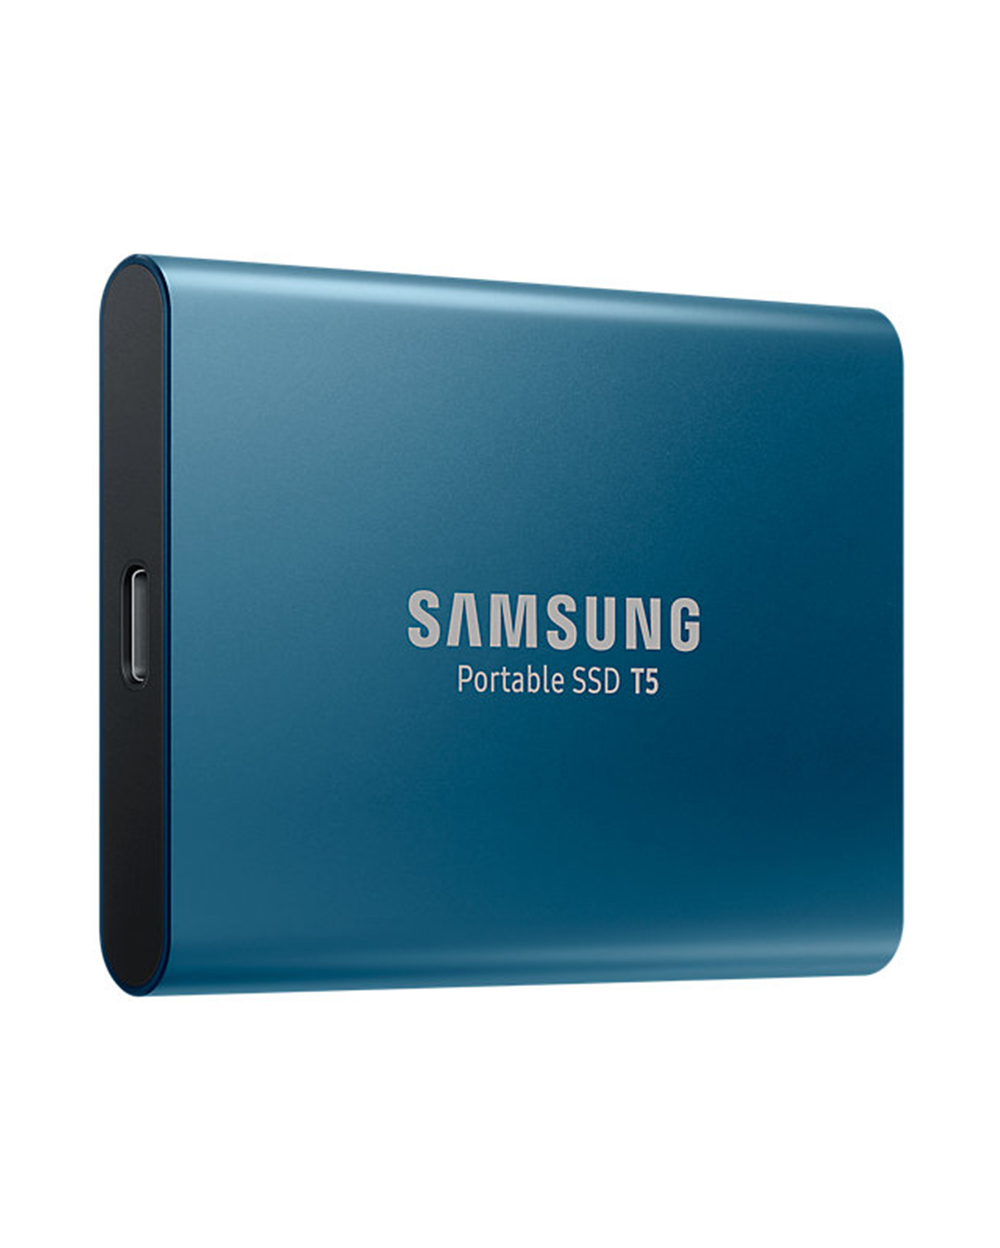 Samsung SSD T5 - 500GB (Blue)